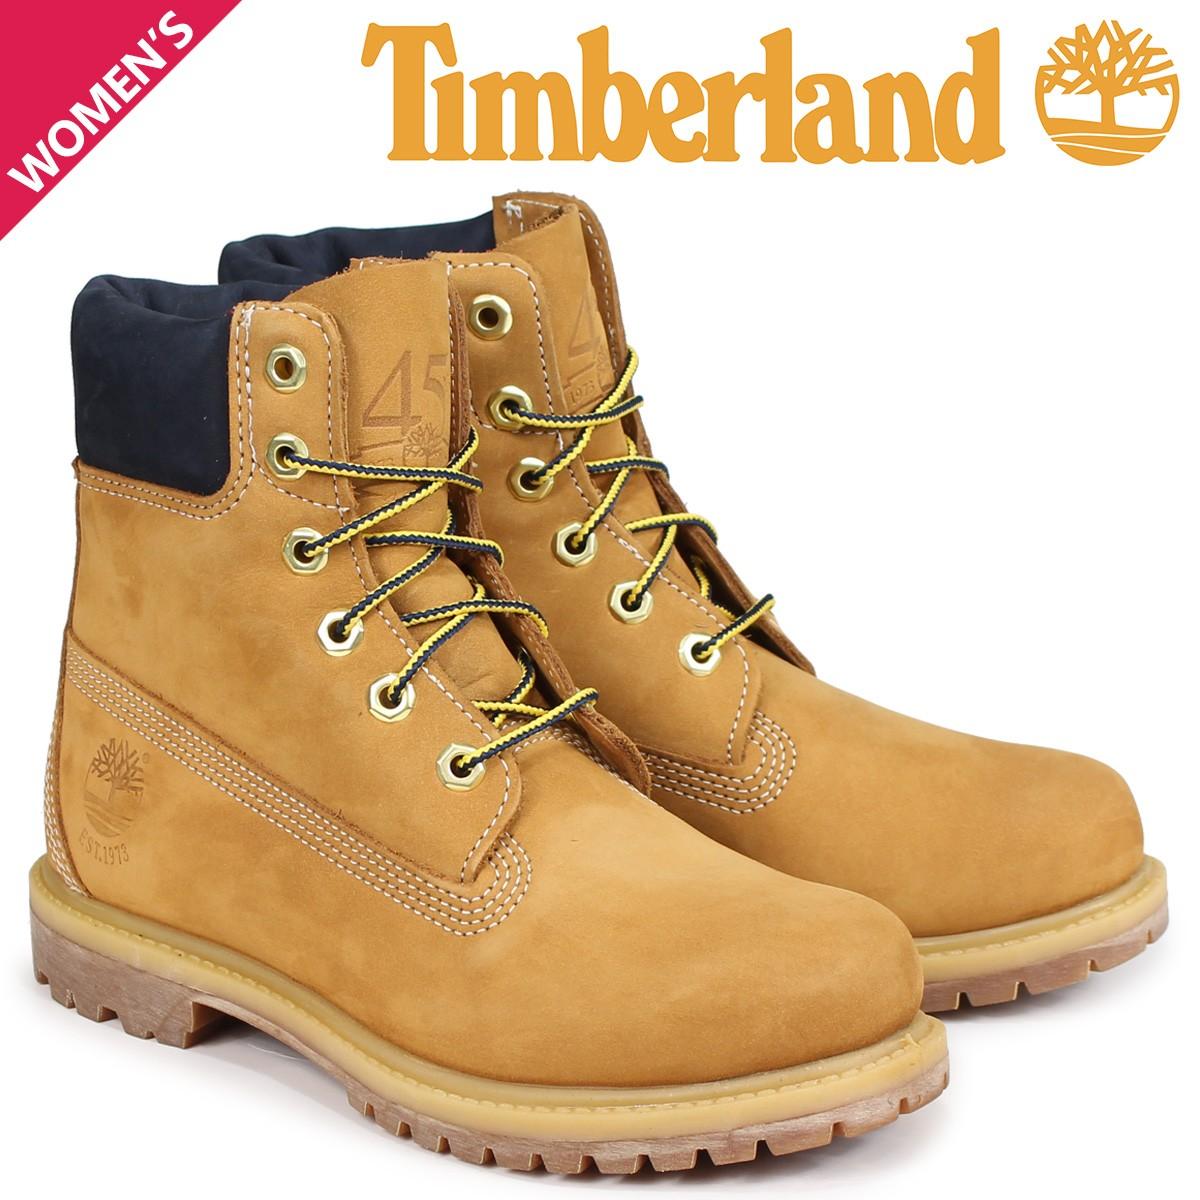 Timberland レディース ブーツ 6インチ ティンバーランド 6INCH WATERPROOF BOOTS プレミアム ウォータープルーフ 12907 ブラック [8/3 追加入荷]